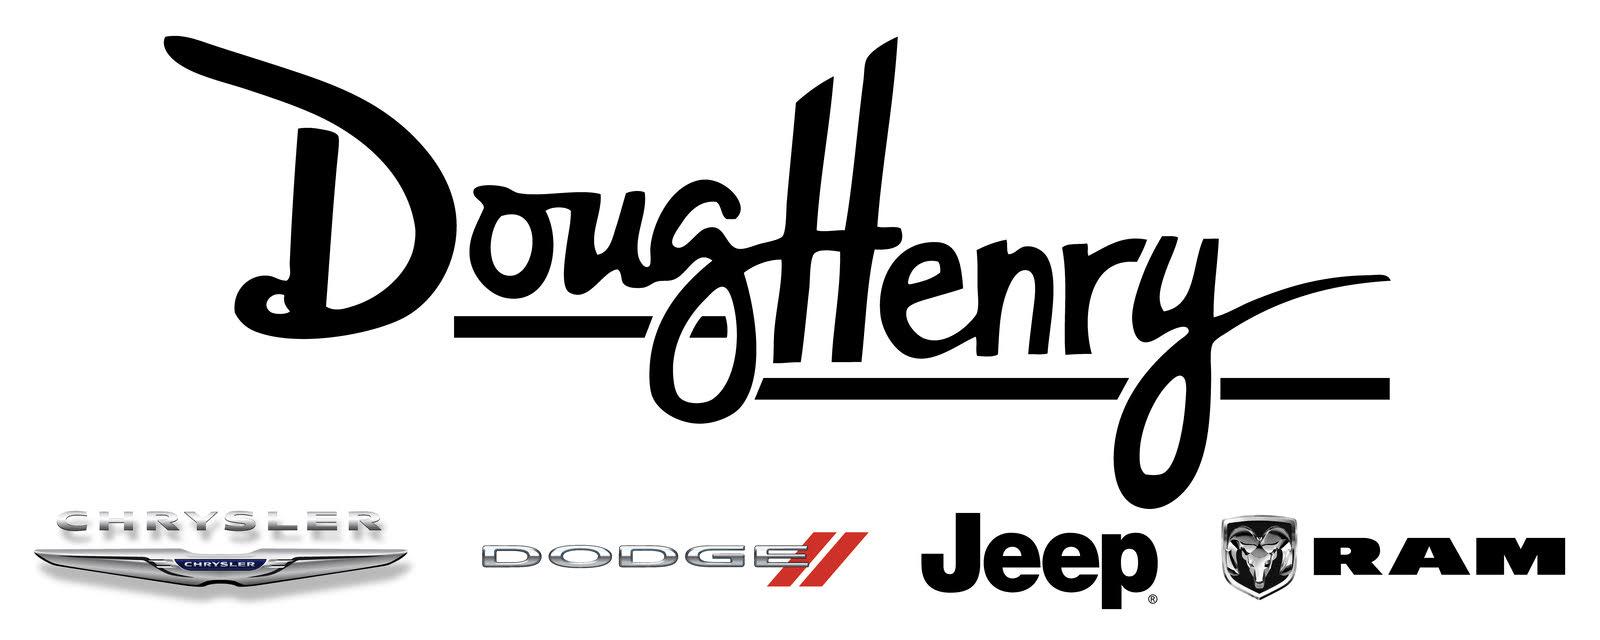 Doug Henry Kinston >> Doug Henry Chrysler Dodge Jeep Ram Kinston Nc Read